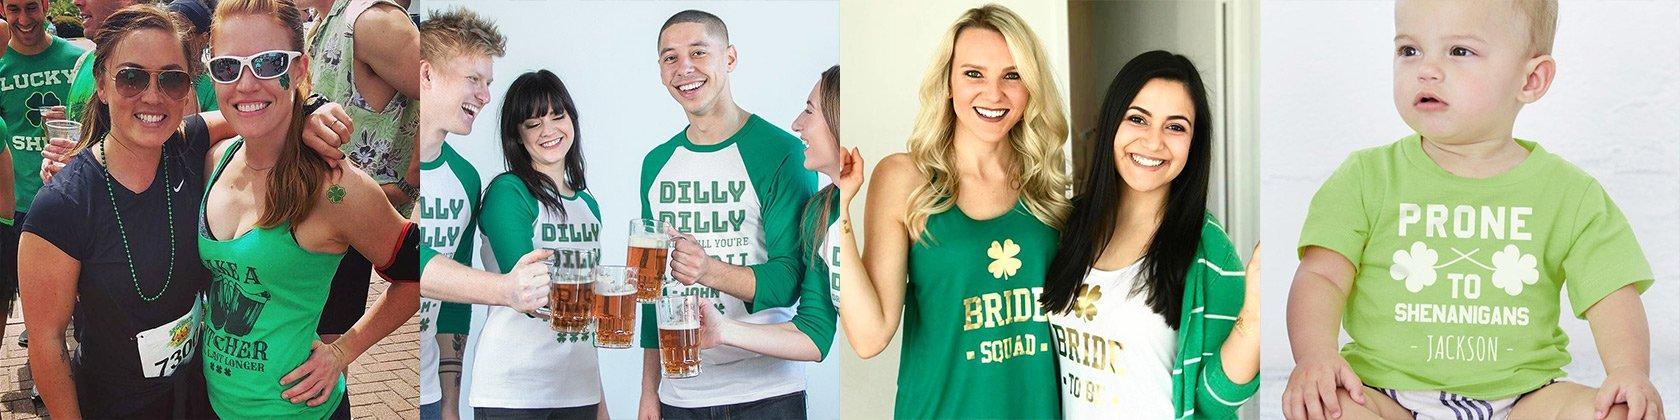 Custom St Patricks Day Shirts